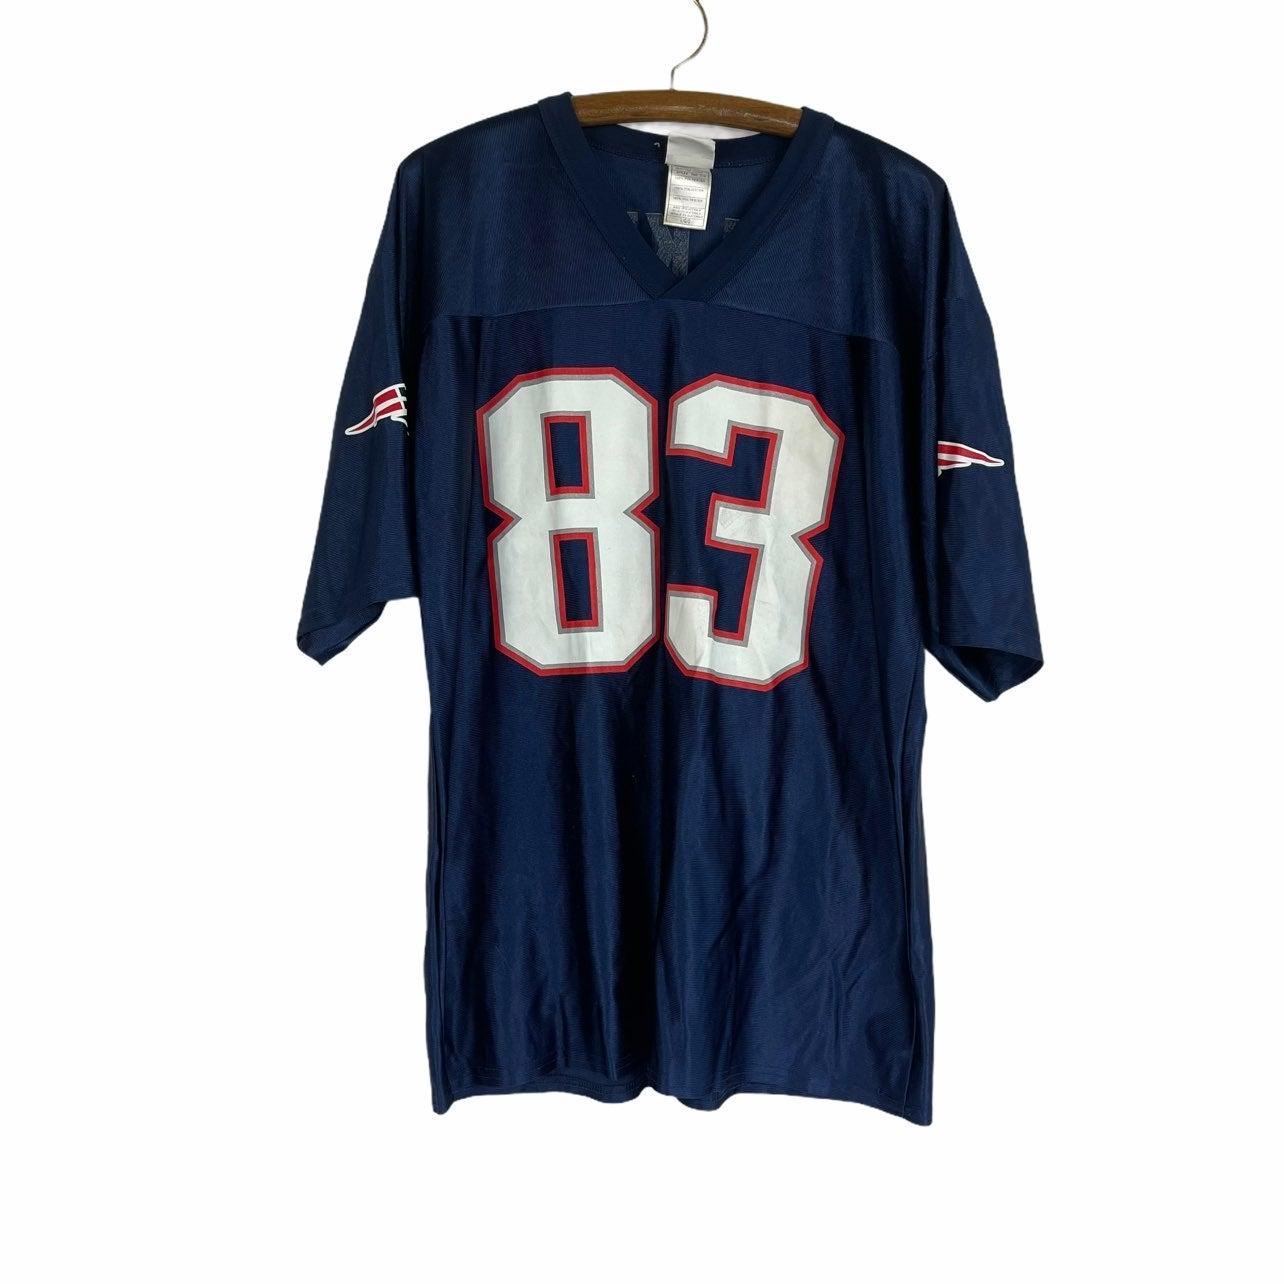 patriots jersey 3x